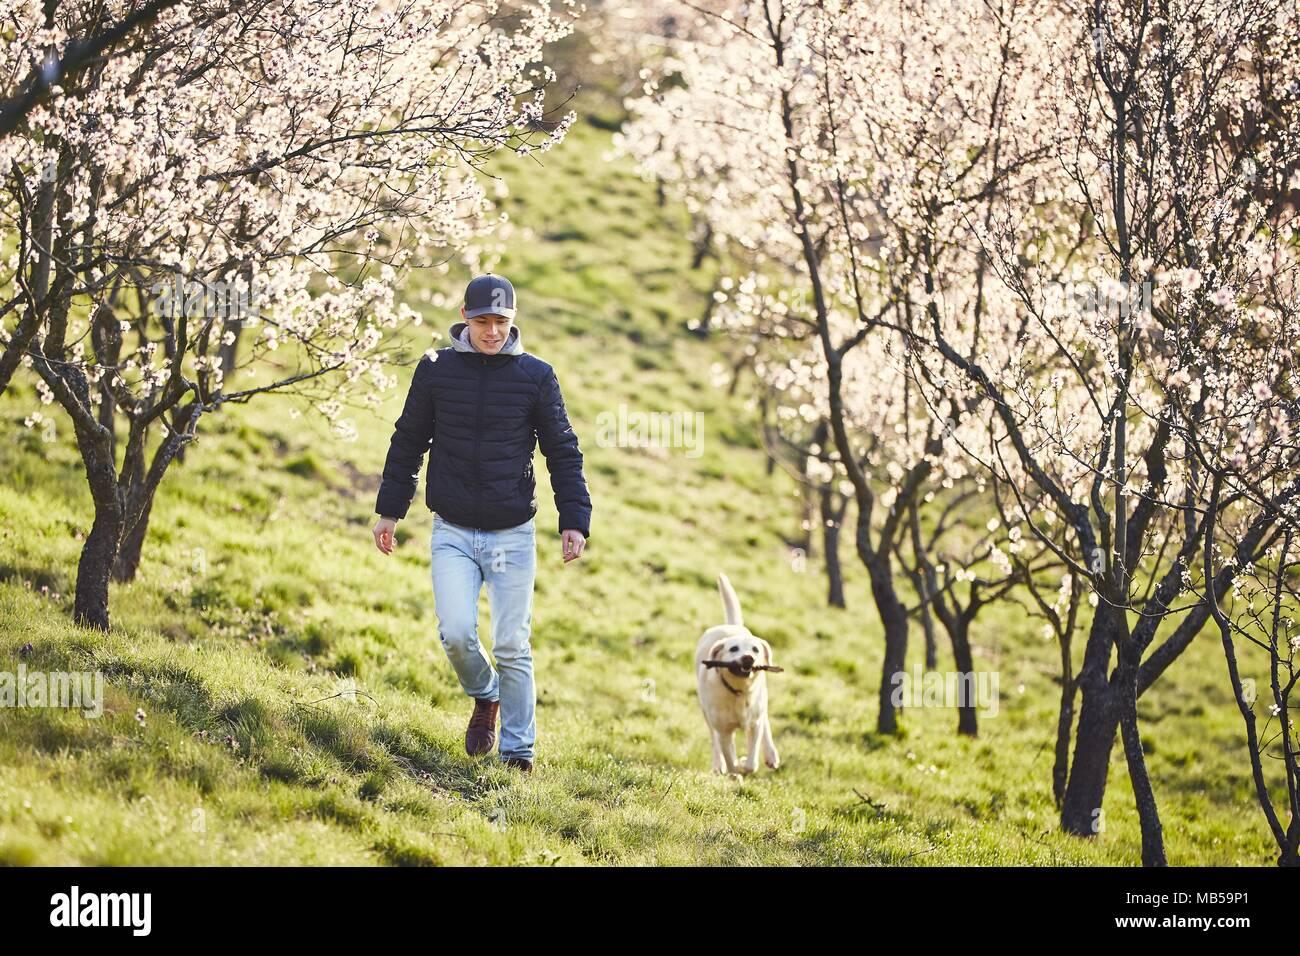 Mattina in primavera la natura. L'uomo con il suo cane (labrador retriever) passeggiate tra gli alberi in fiore. Immagini Stock